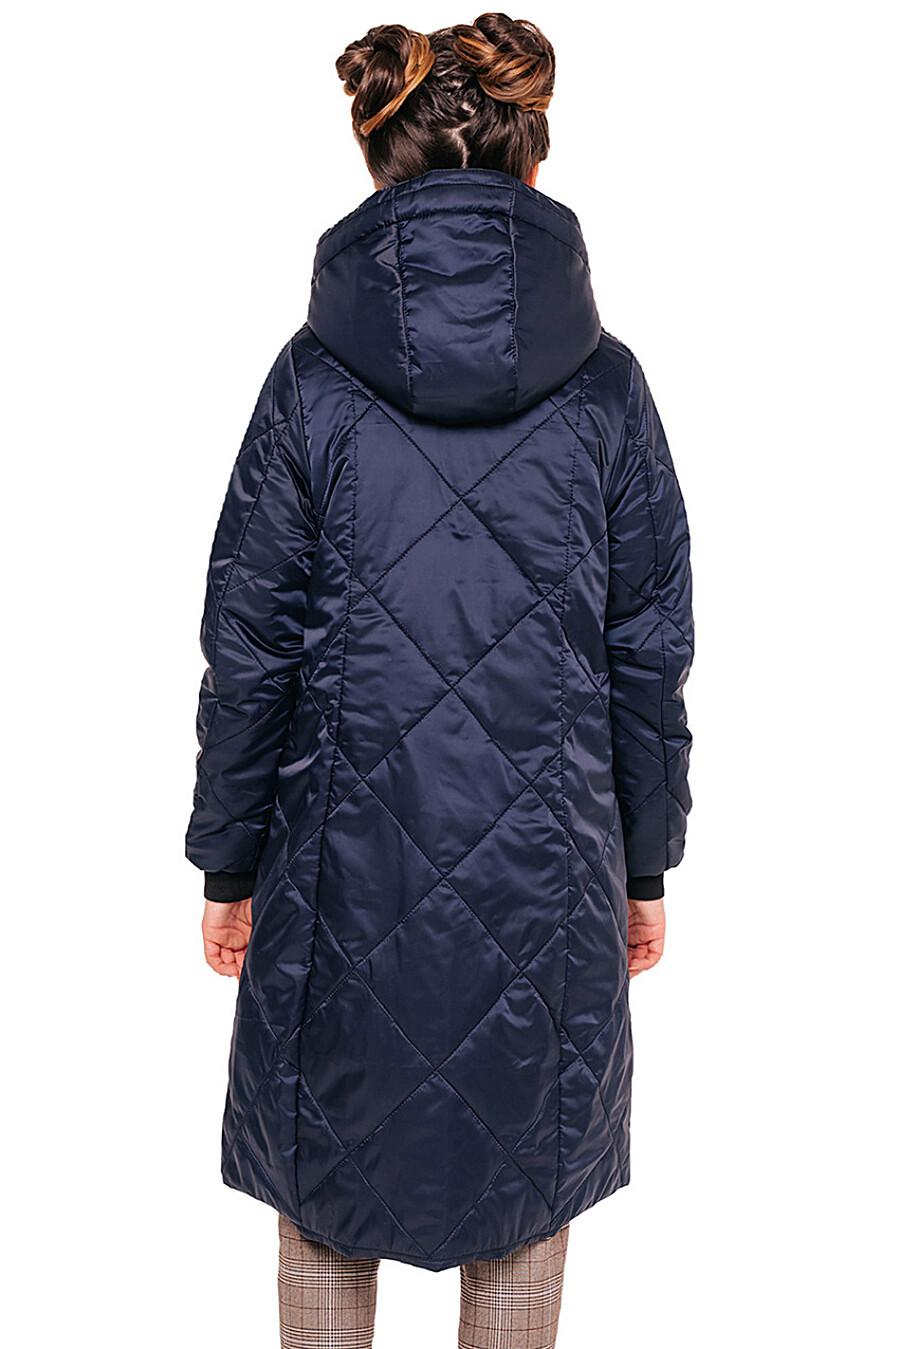 Пальто для девочек BATIK 247216 купить оптом от производителя. Совместная покупка детской одежды в OptMoyo